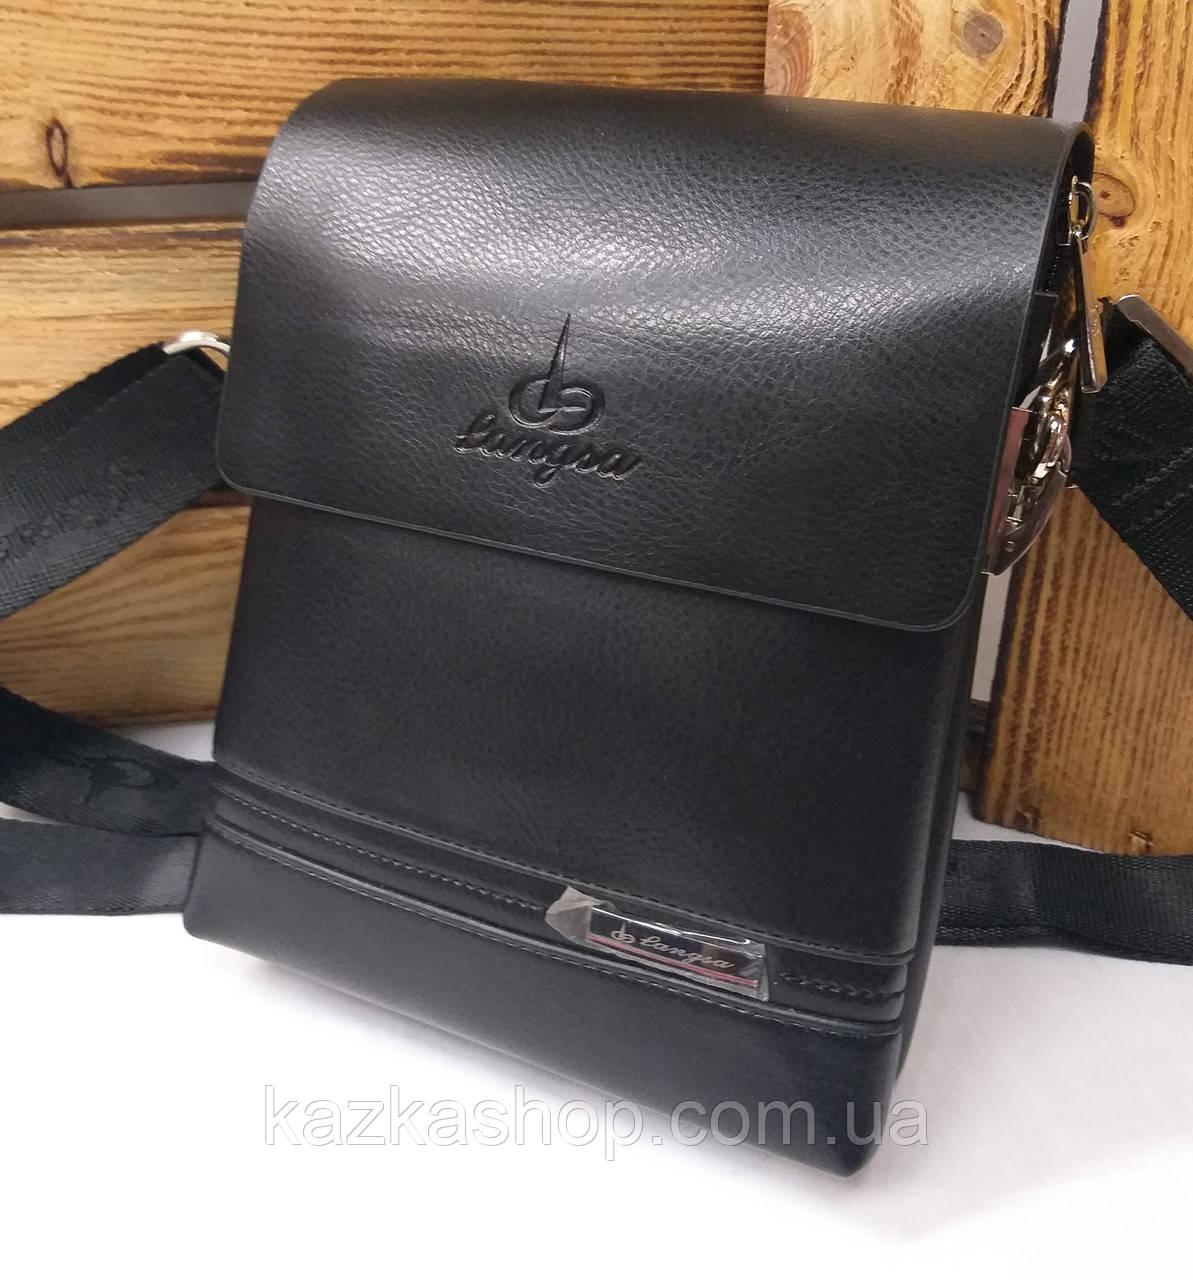 Маленькая мужская сумка черного цвета на три отдел, с клапаном на магнитах, 2 съемных ремешка